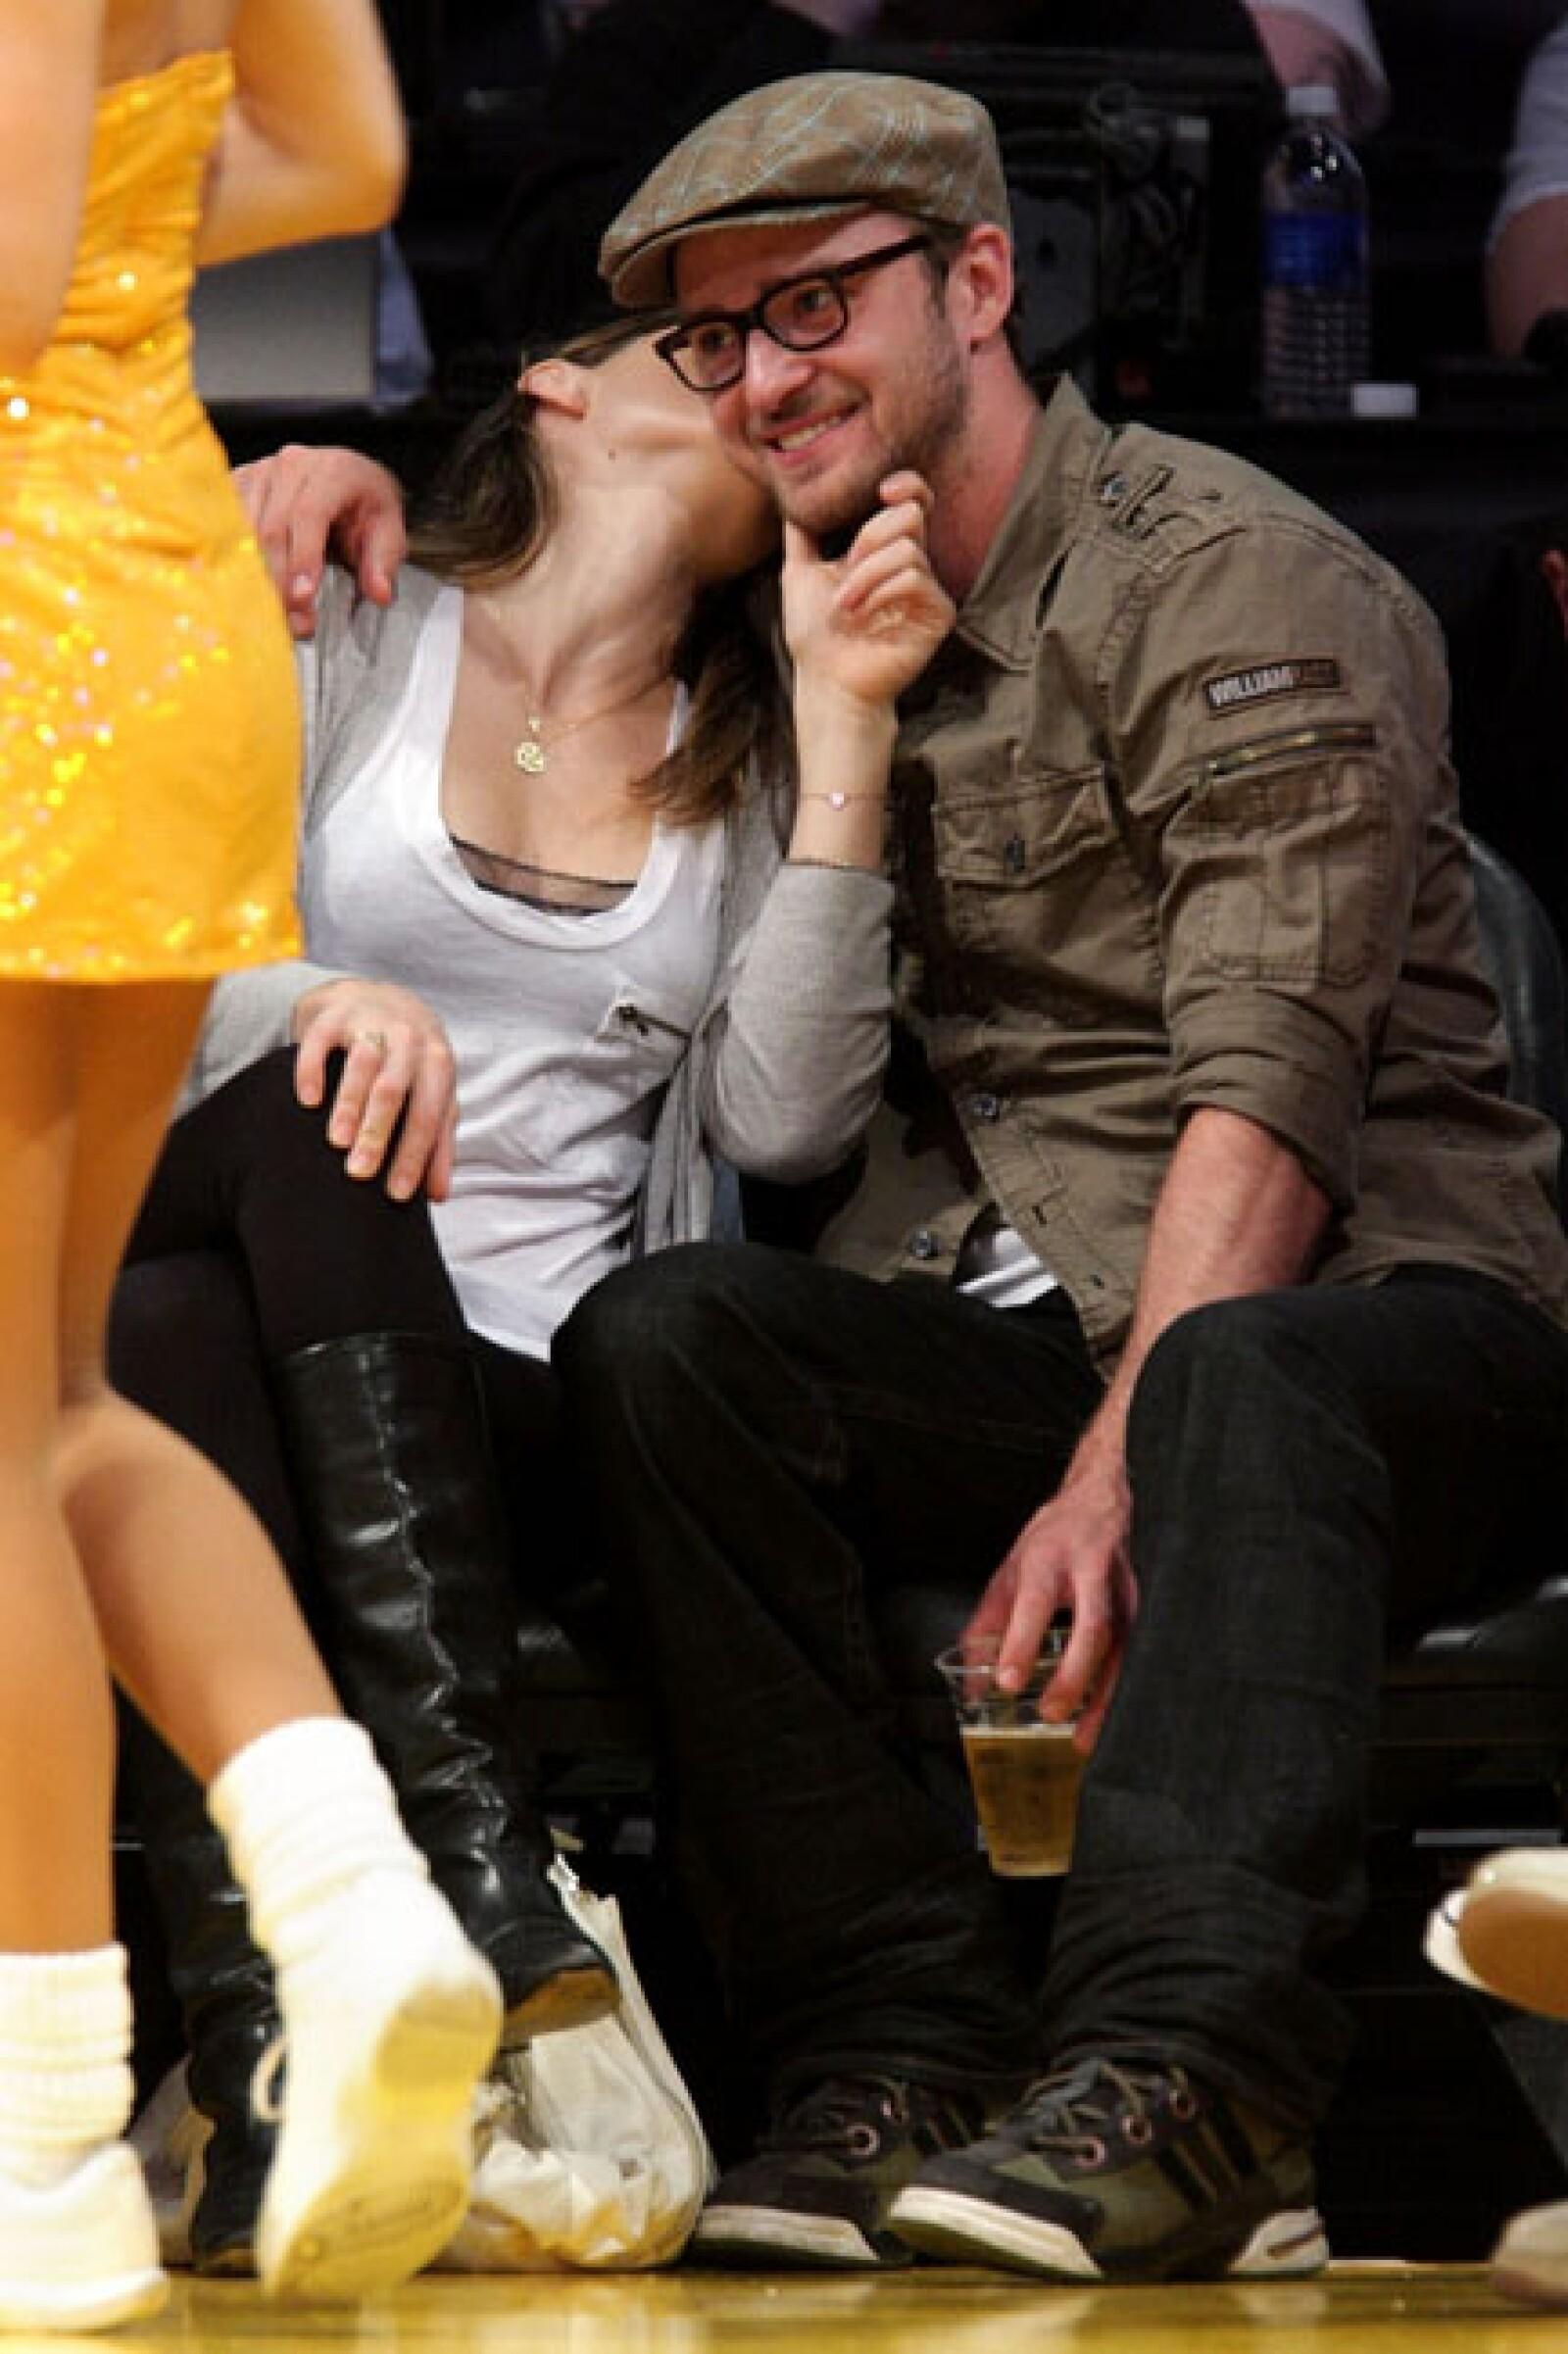 Timberlake, de 31 años, y Biel, de 30, han mantenido una relación intermitente desde el 2007, pero a principios de este año anunciaron su compromiso.